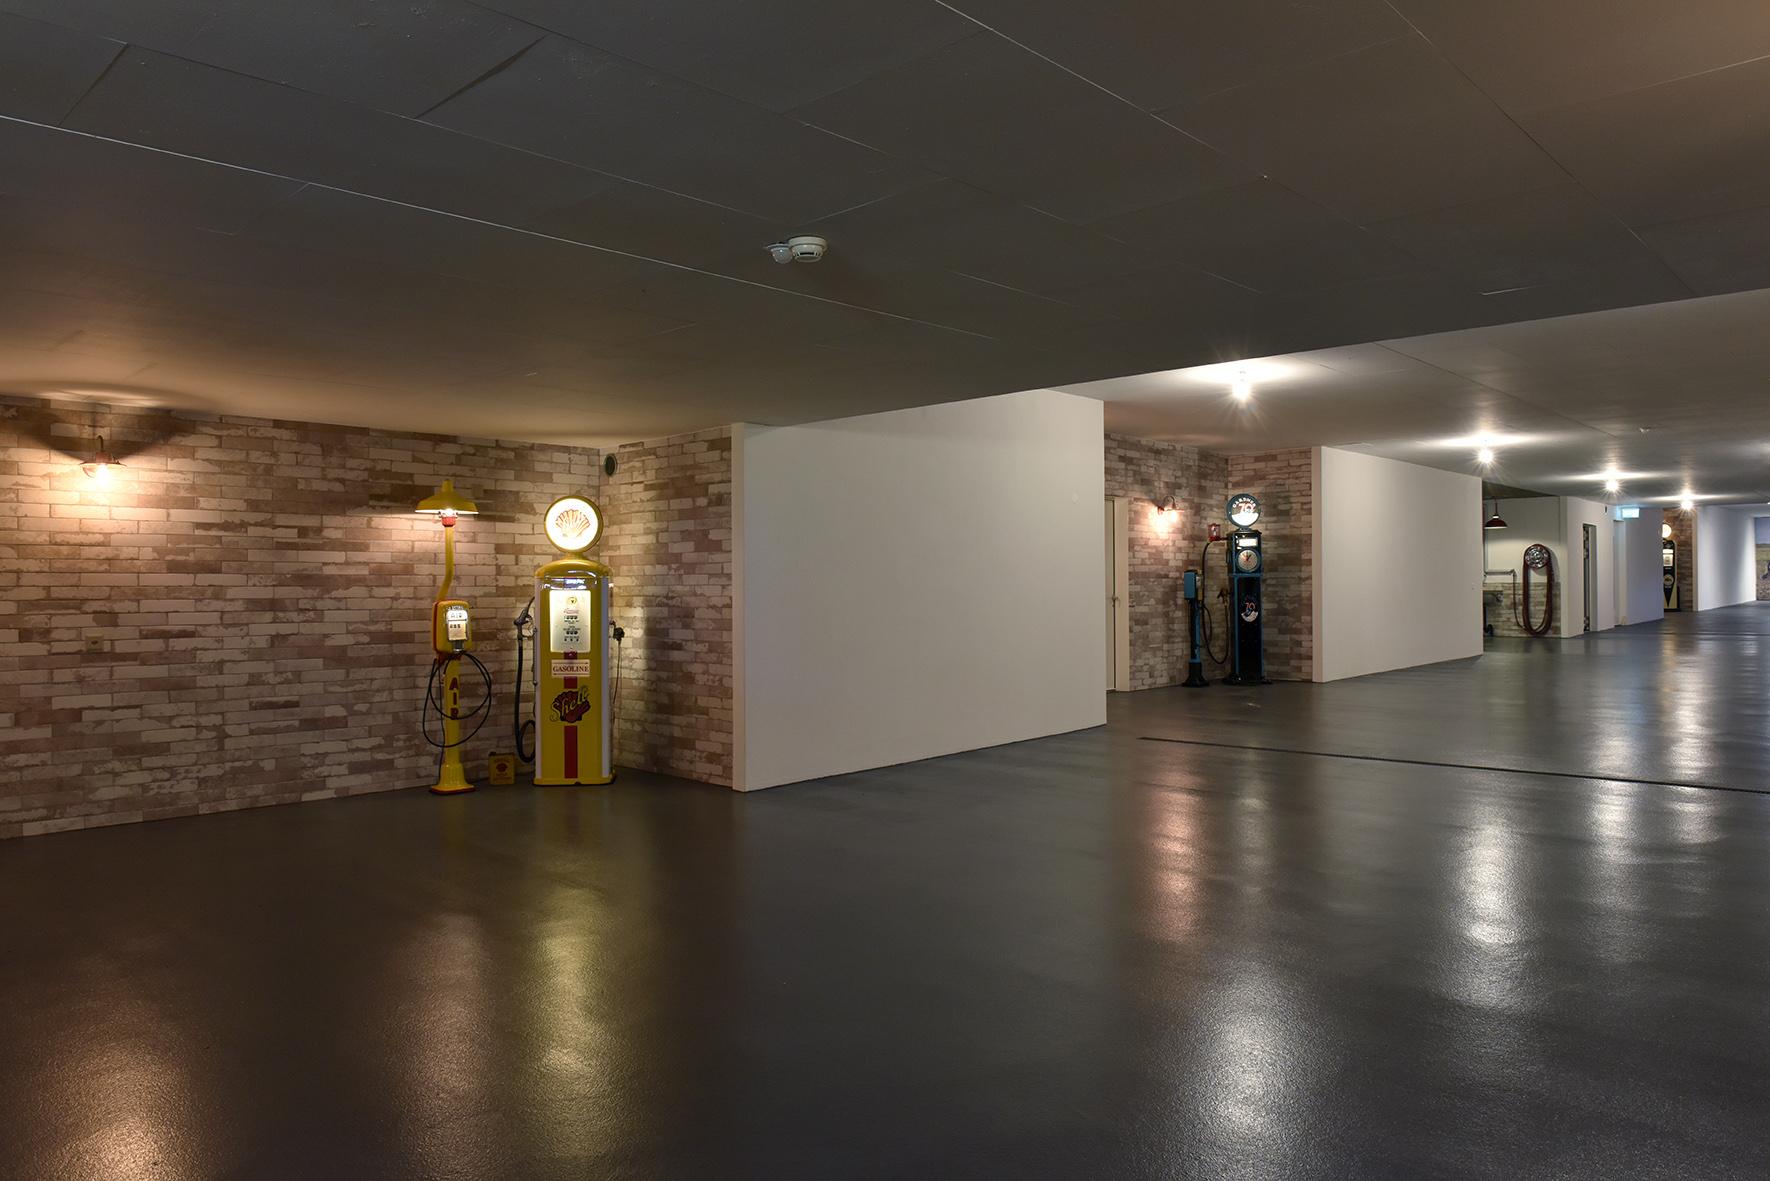 Wohn-und Geschäftshäuser-Ottenhofenstrasse 33-35-37-MO-Architektur-Uznach-Linthgebiet-Ostschweiz-8168